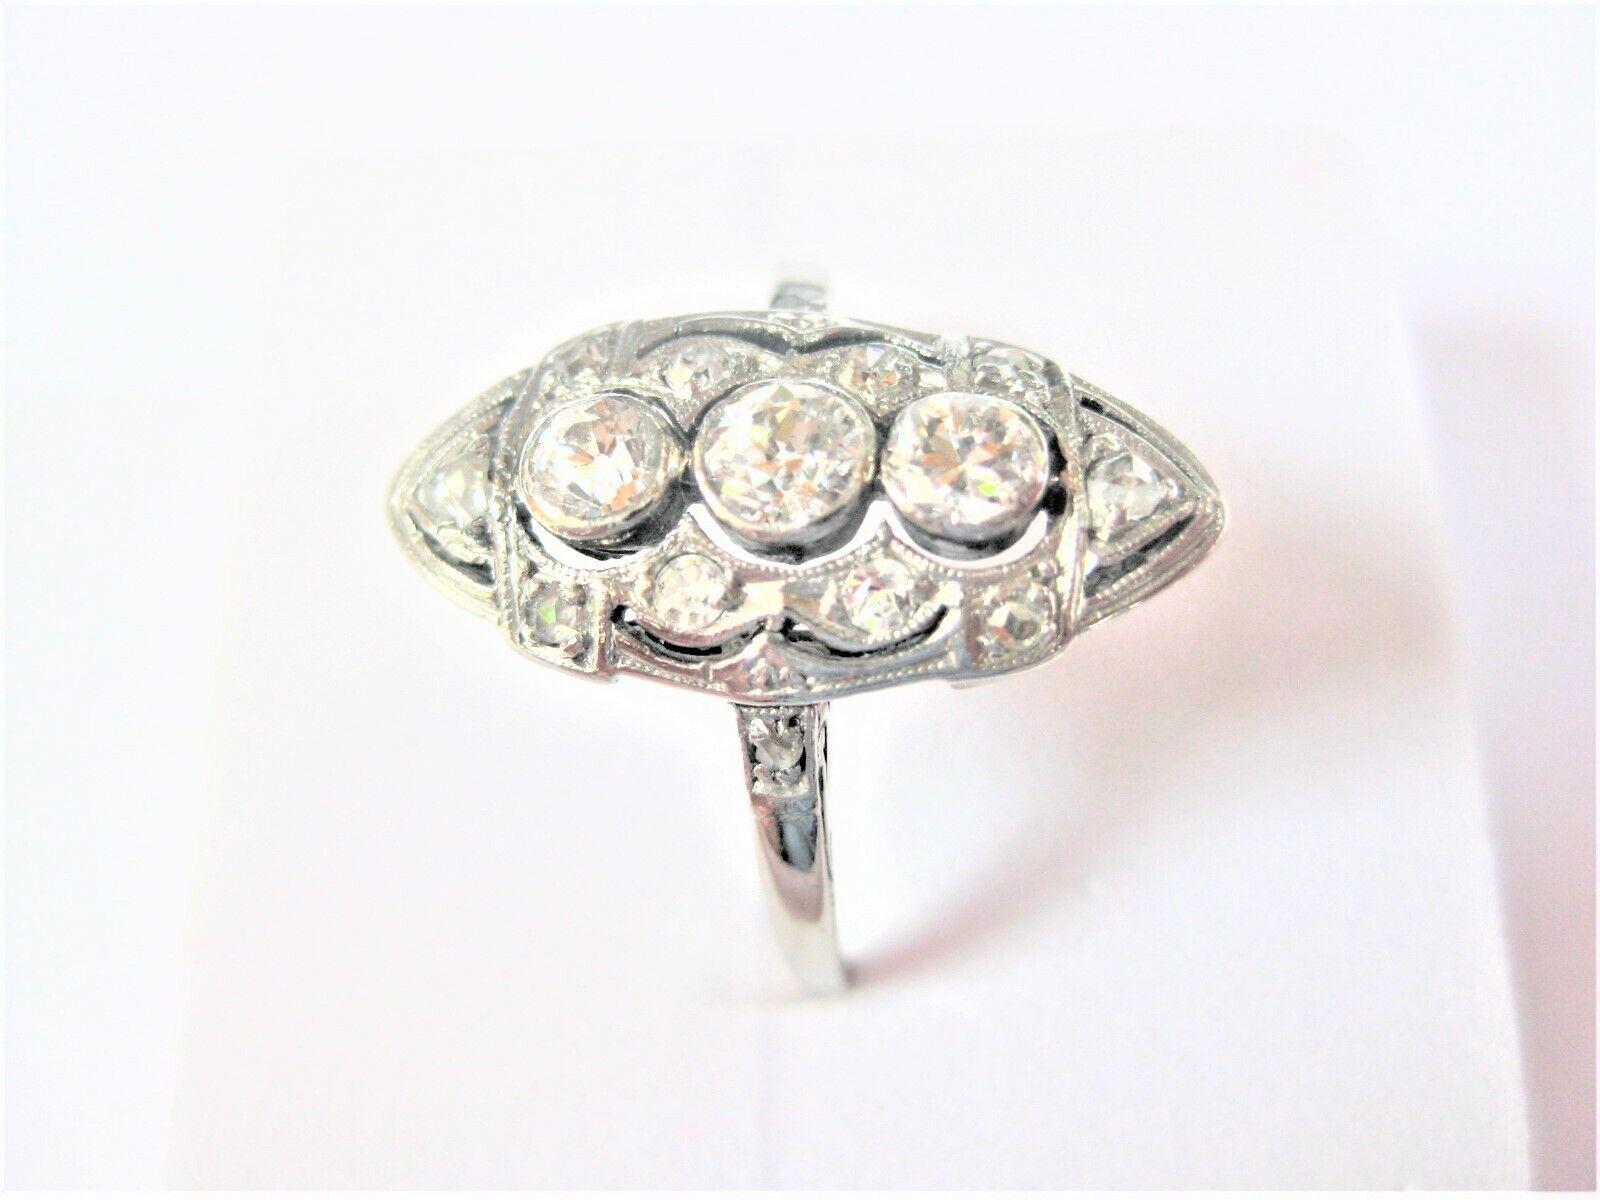 Art Deco Ring Weißgold 590 mit Diamanten, 2,55 g